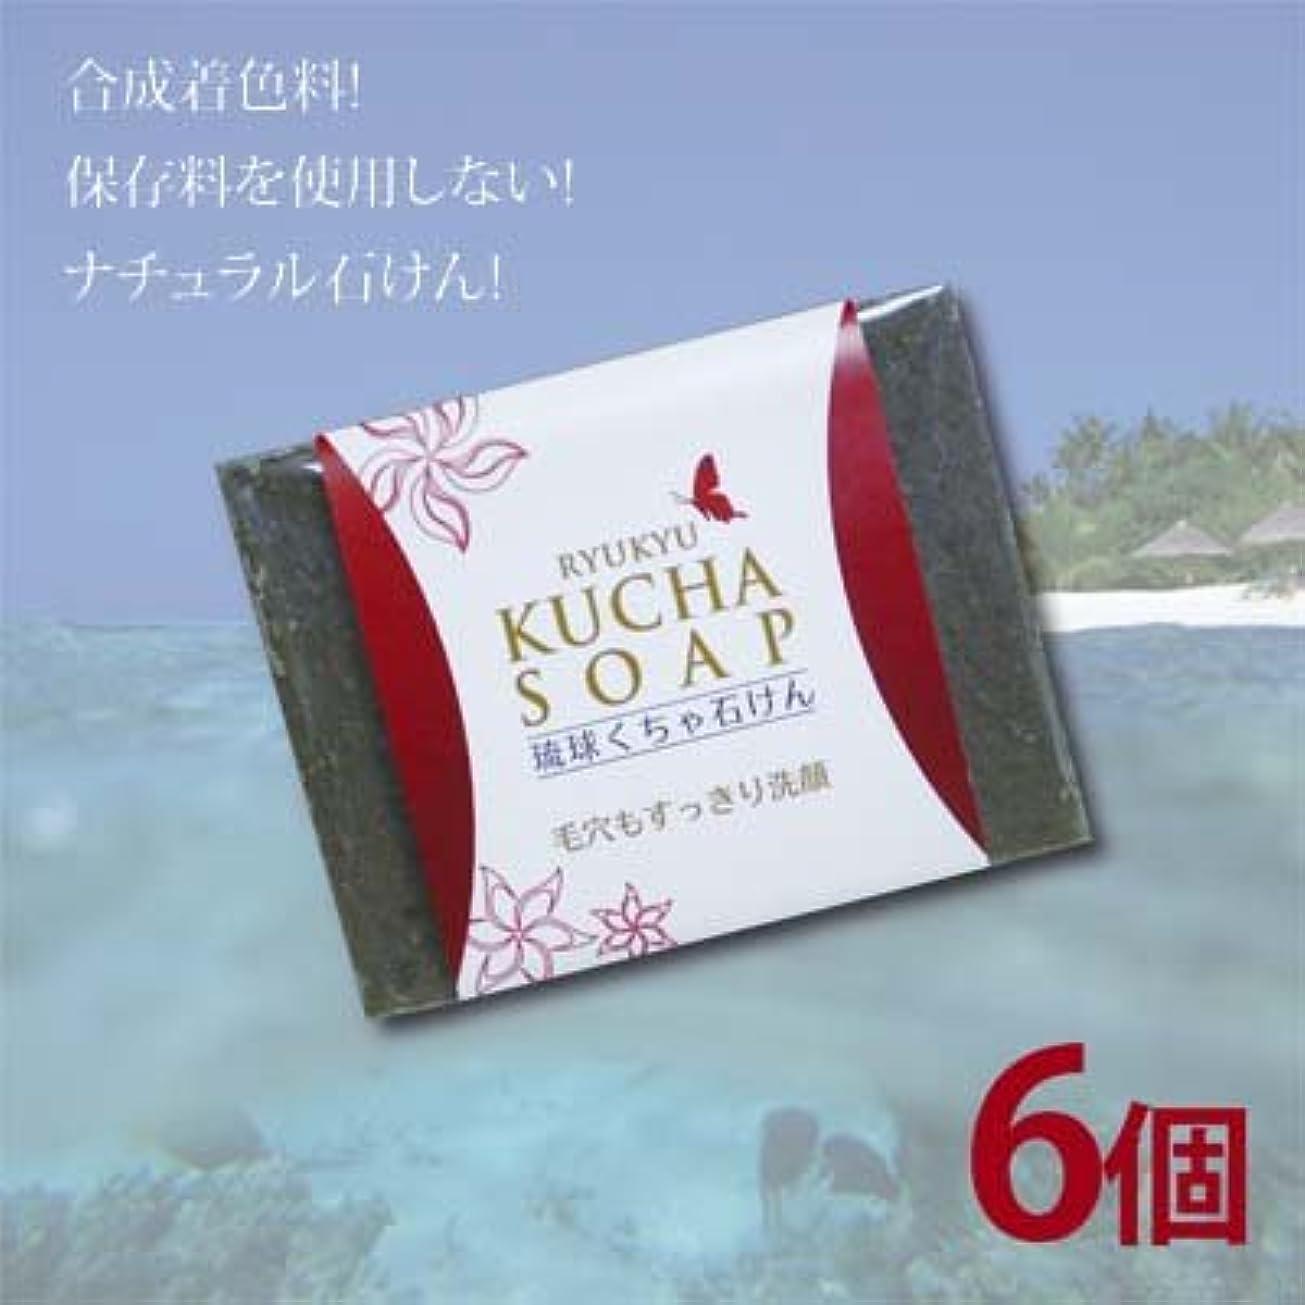 目的静める定義沖縄産琉球クチャ石けん(1個120g)6個